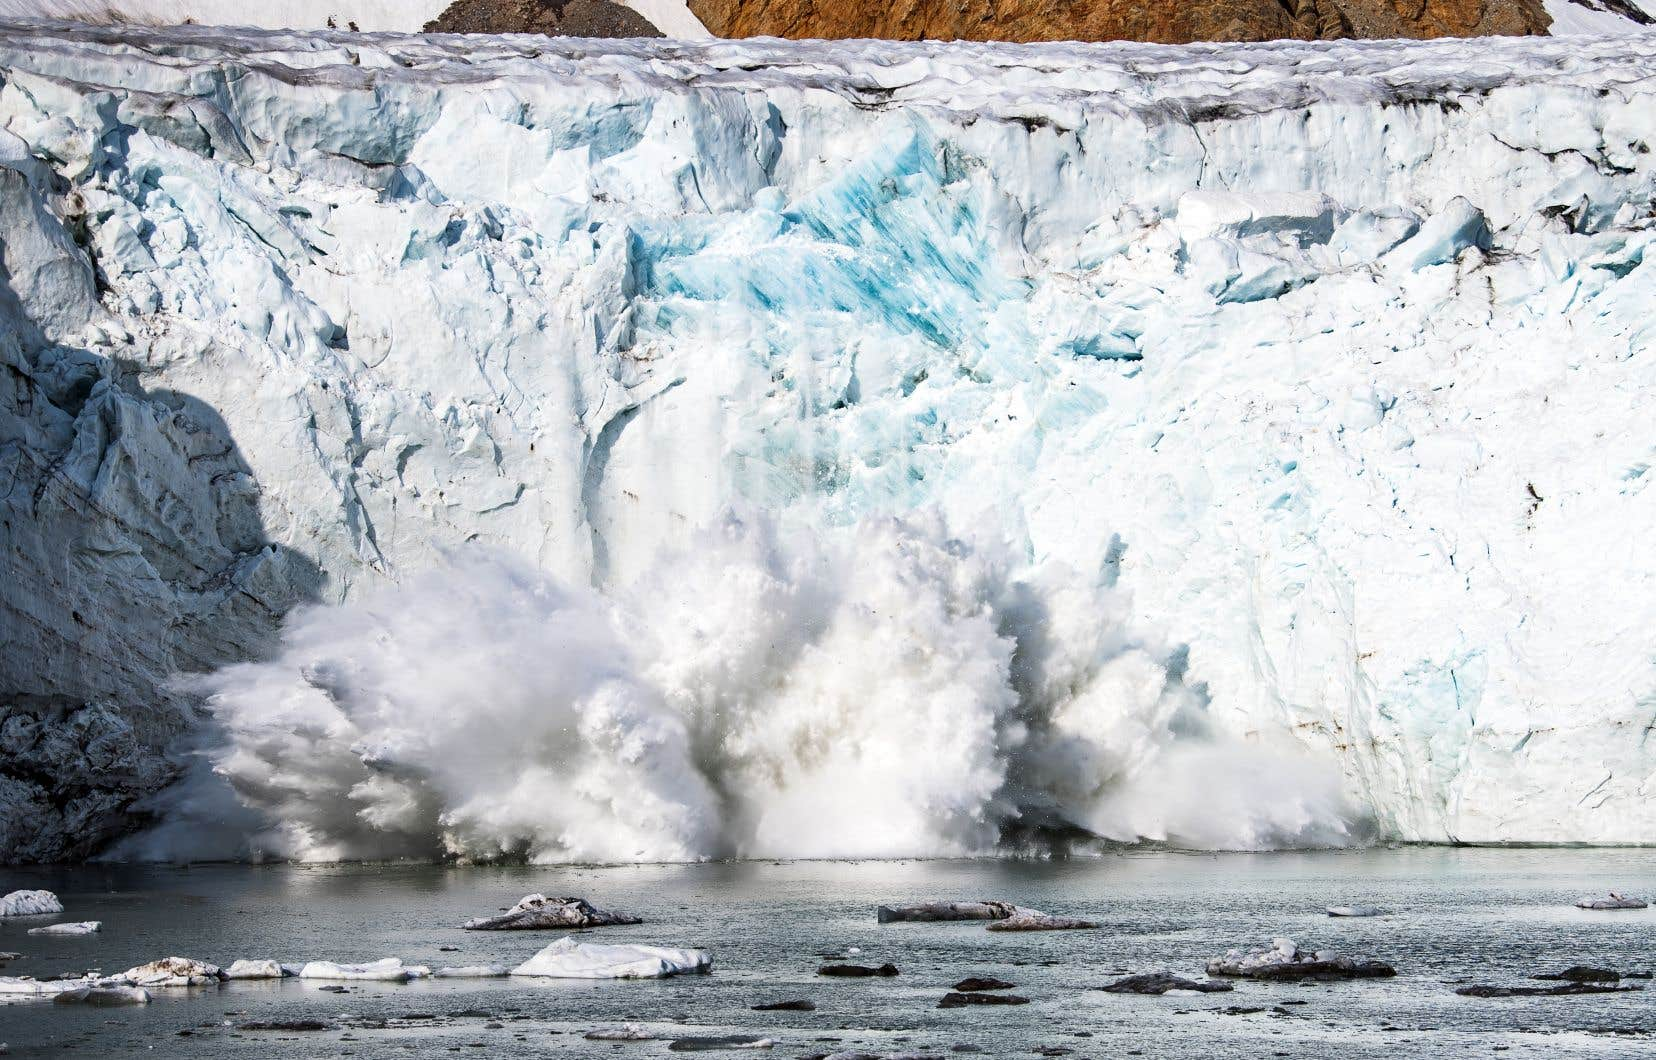 Une masse de glace se détache du glacier Apusiajik, sur la côte sud-est du Groenland.